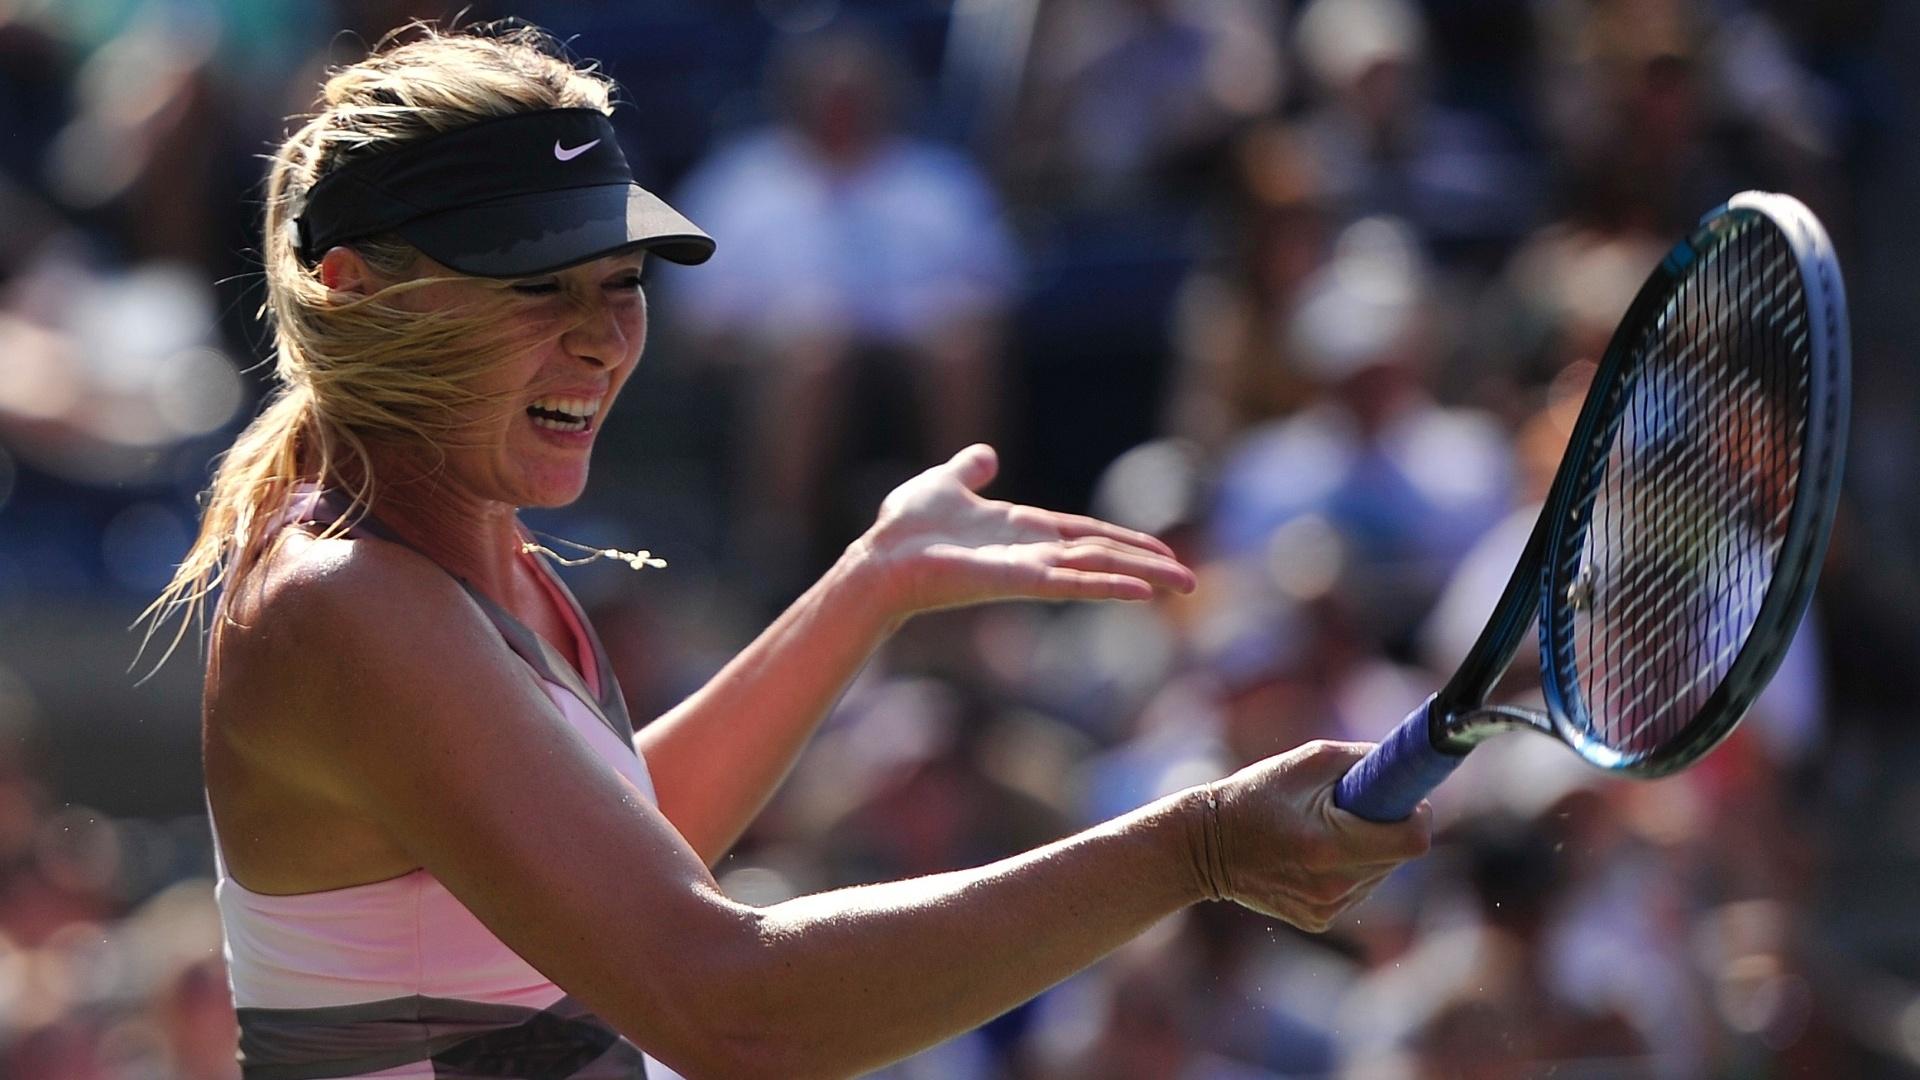 Maria Sharapova reclama durante a disputa da semifinal do Aberto dos EUA contra Victoria Azarenka